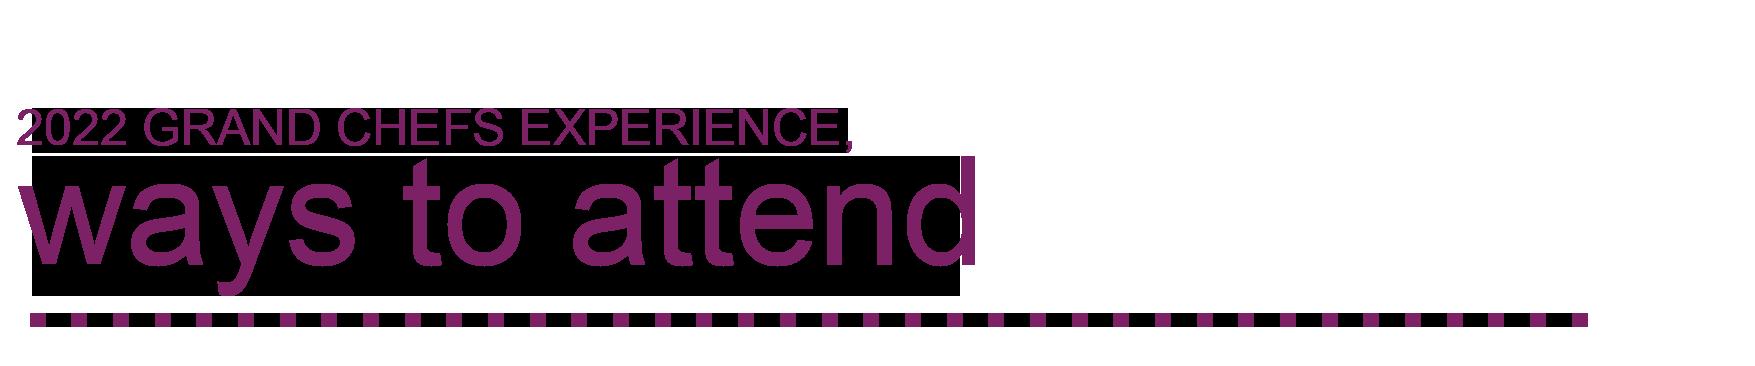 Ways to Attend